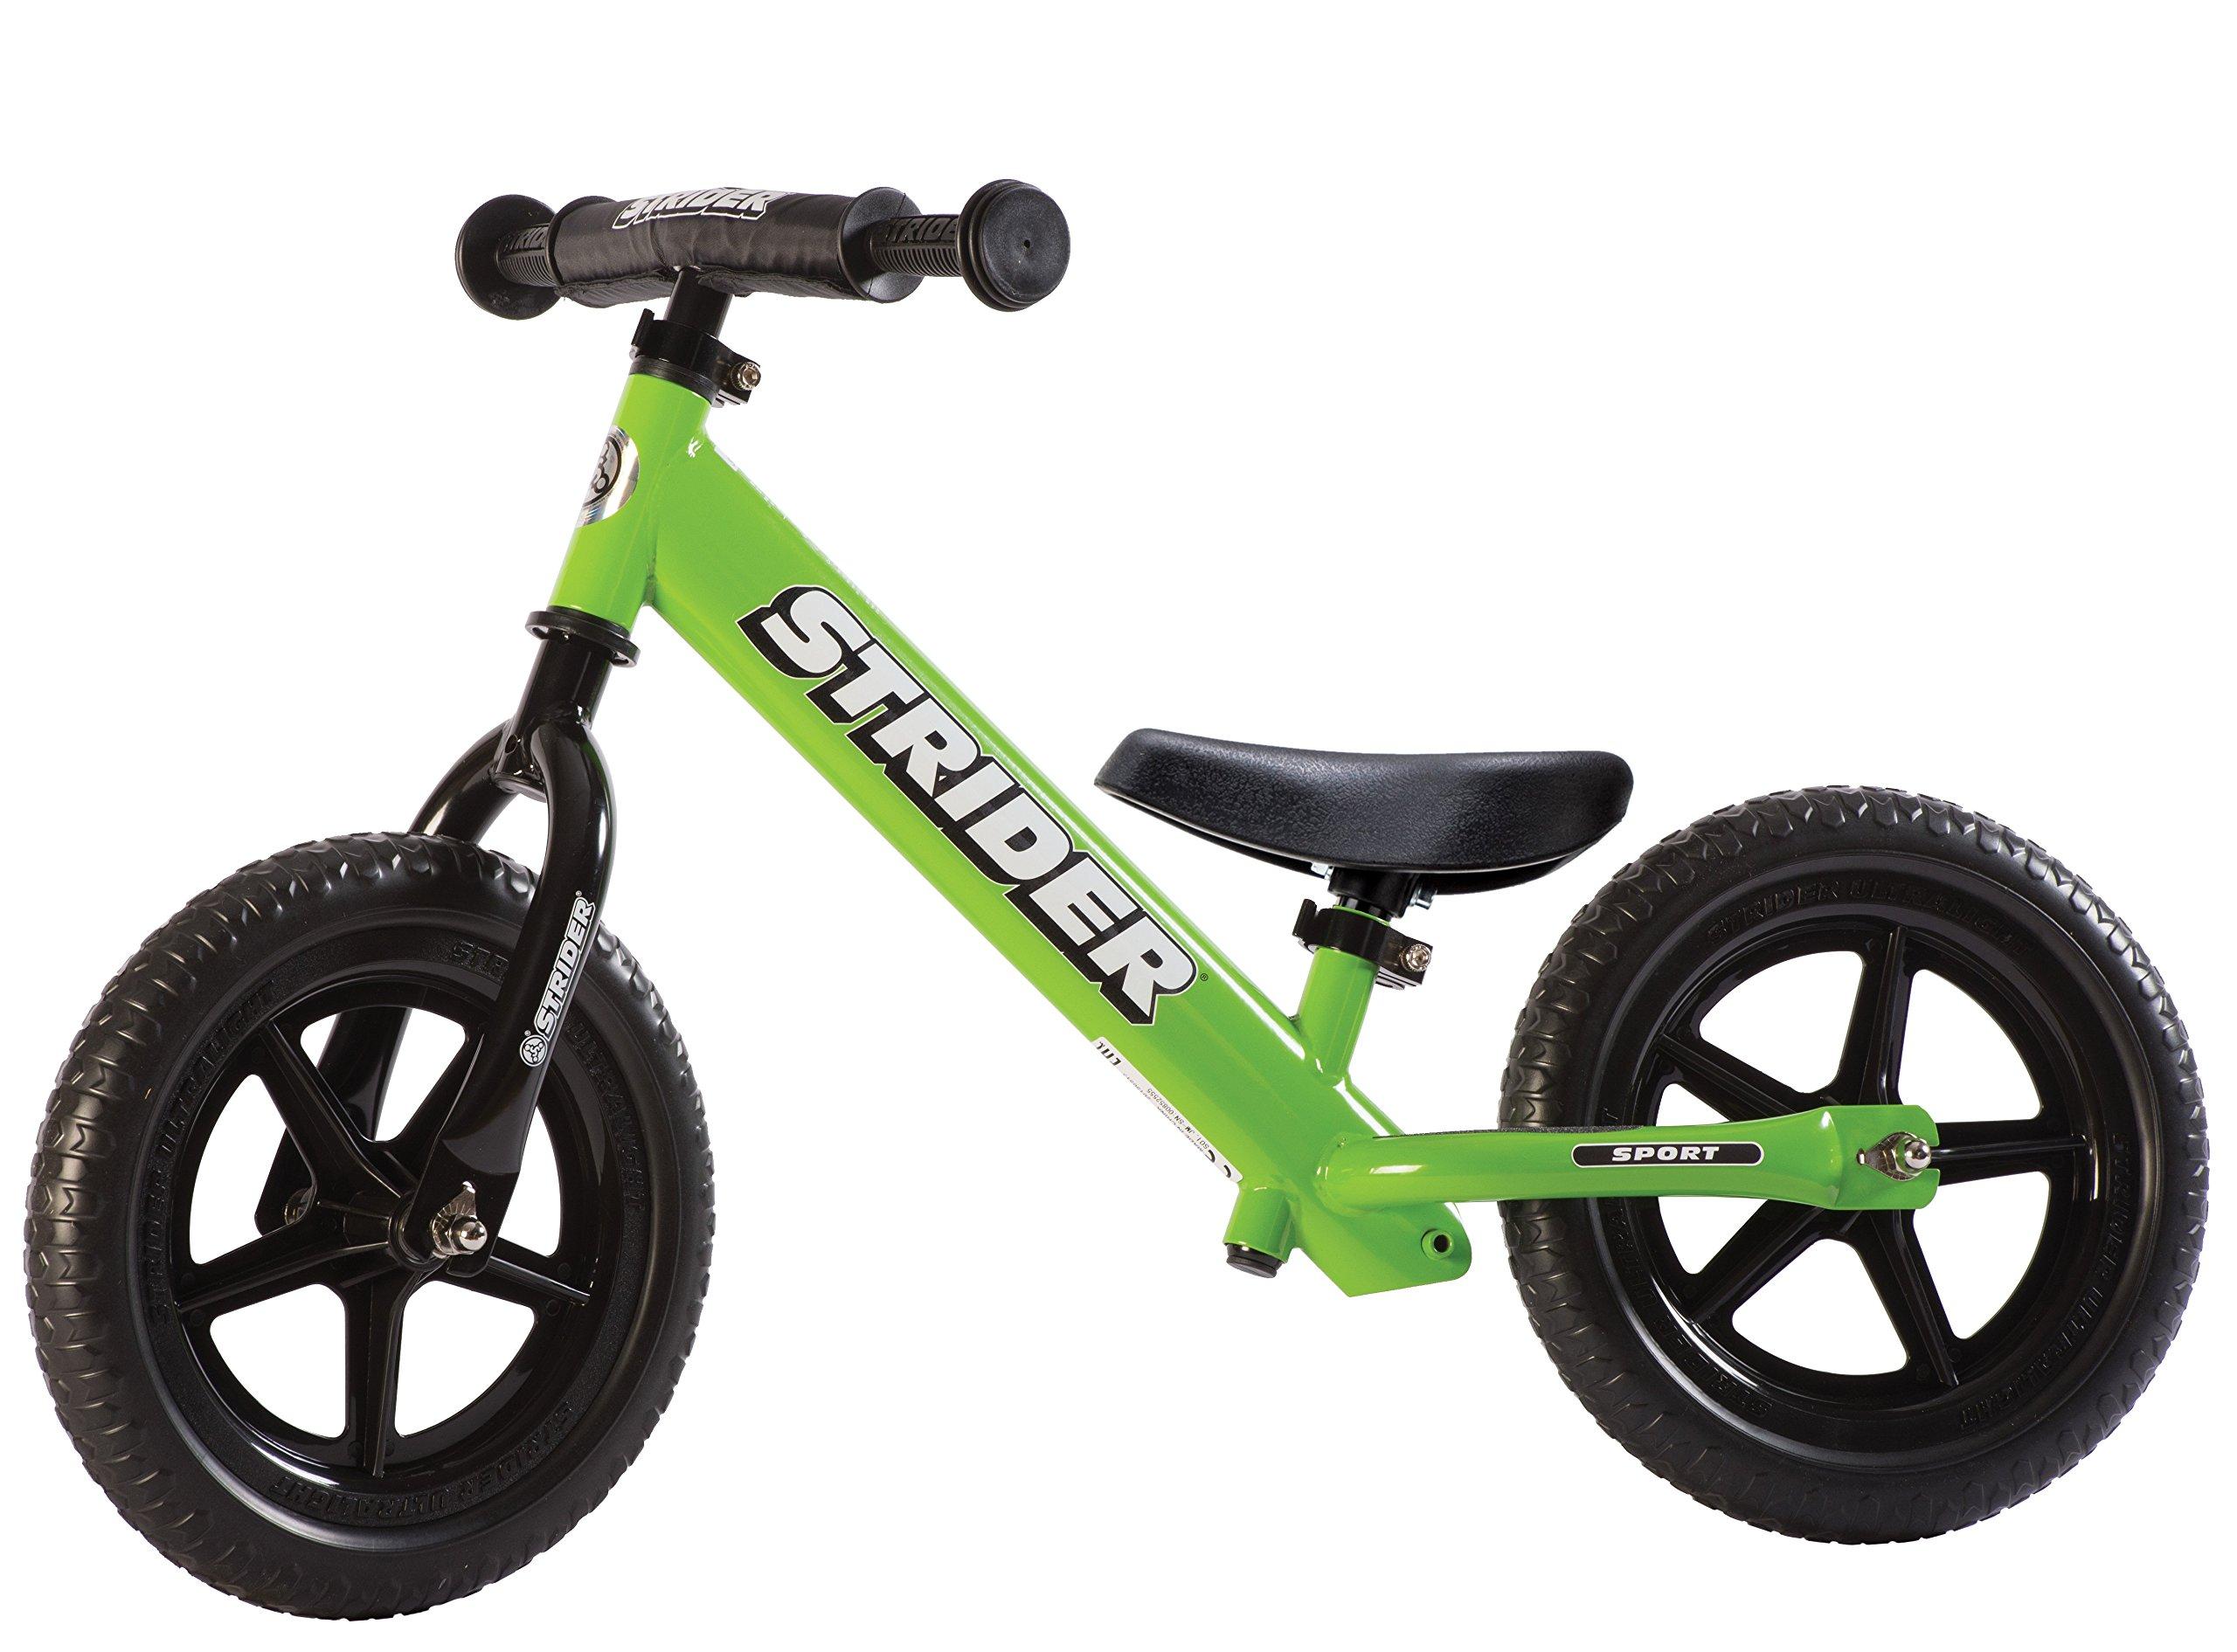 Strider - 12 Sport Balance Bike, Ages 18 Months to 5 Years, Green by Strider